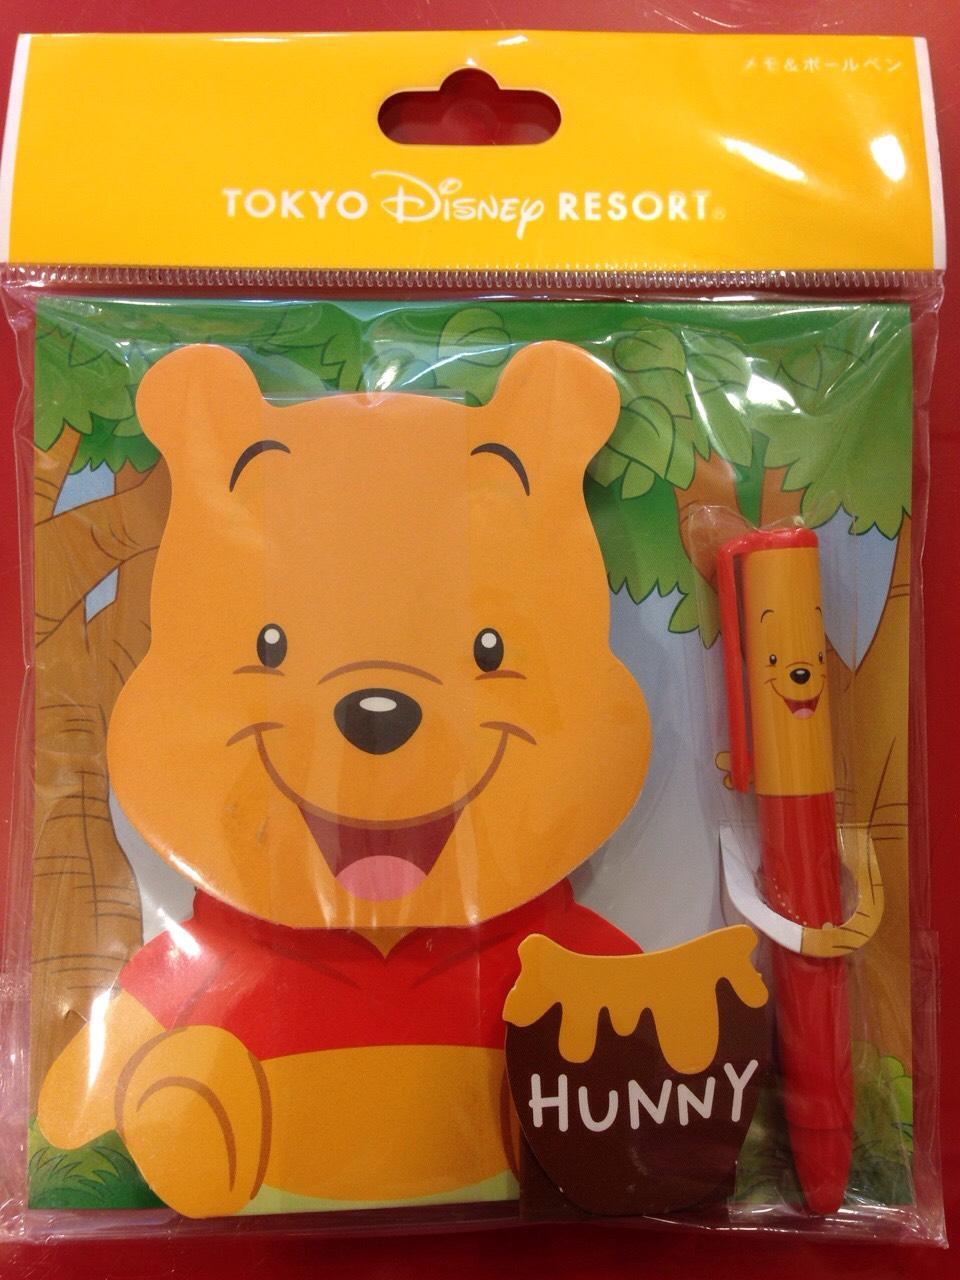 【真愛日本】15123000052限定DN文具組-維尼便條本附筆  迪士尼 小熊維尼 POOH 維尼熊  便條本  附筆  日本帶回  限量